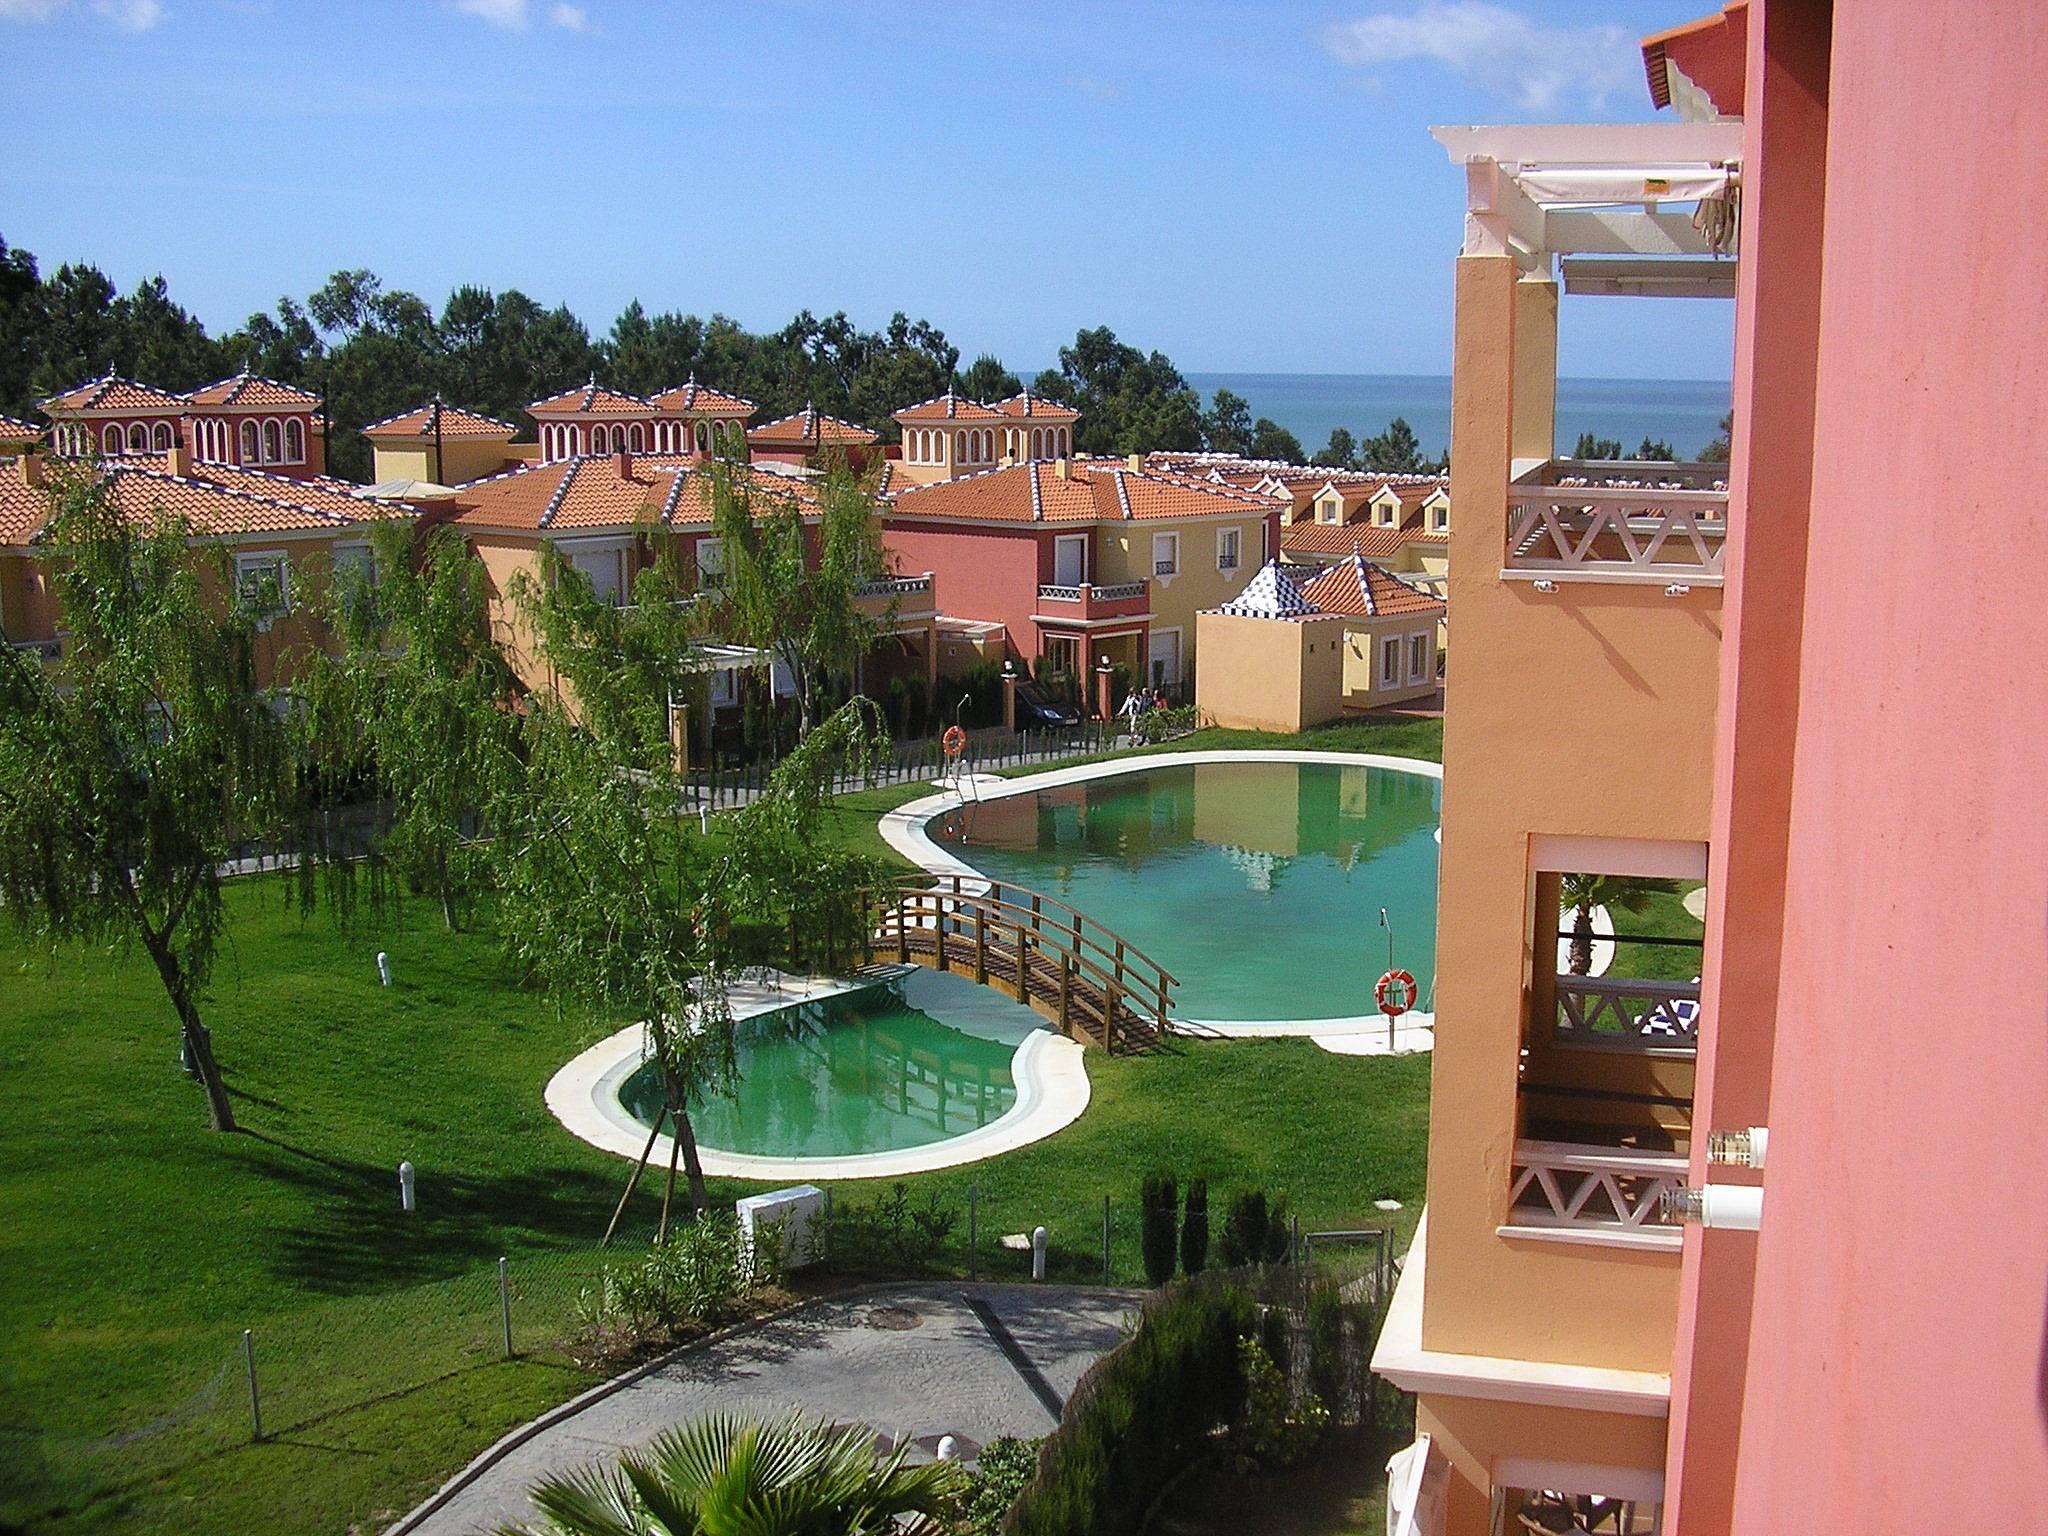 Apartamento en campo de golf a 900 m de la playa - Rentalia islantilla ...